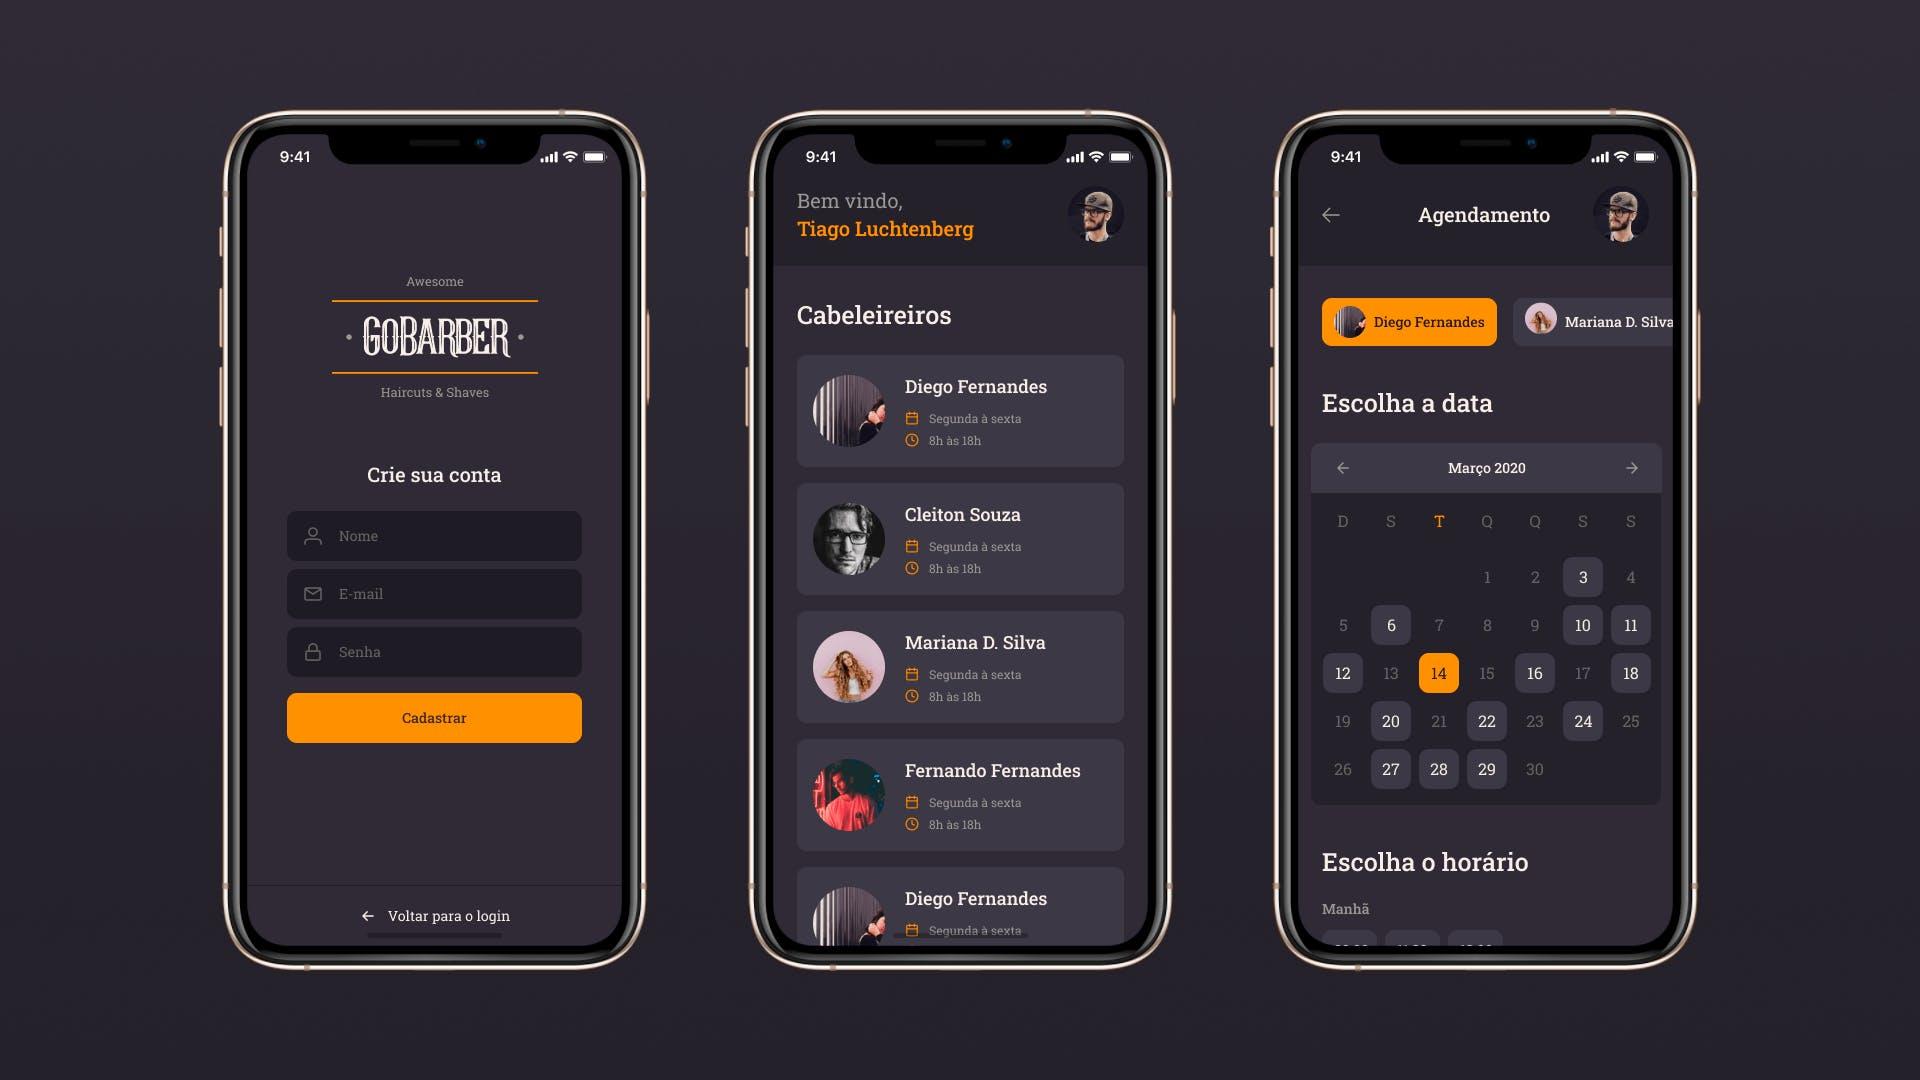 GoBarber App